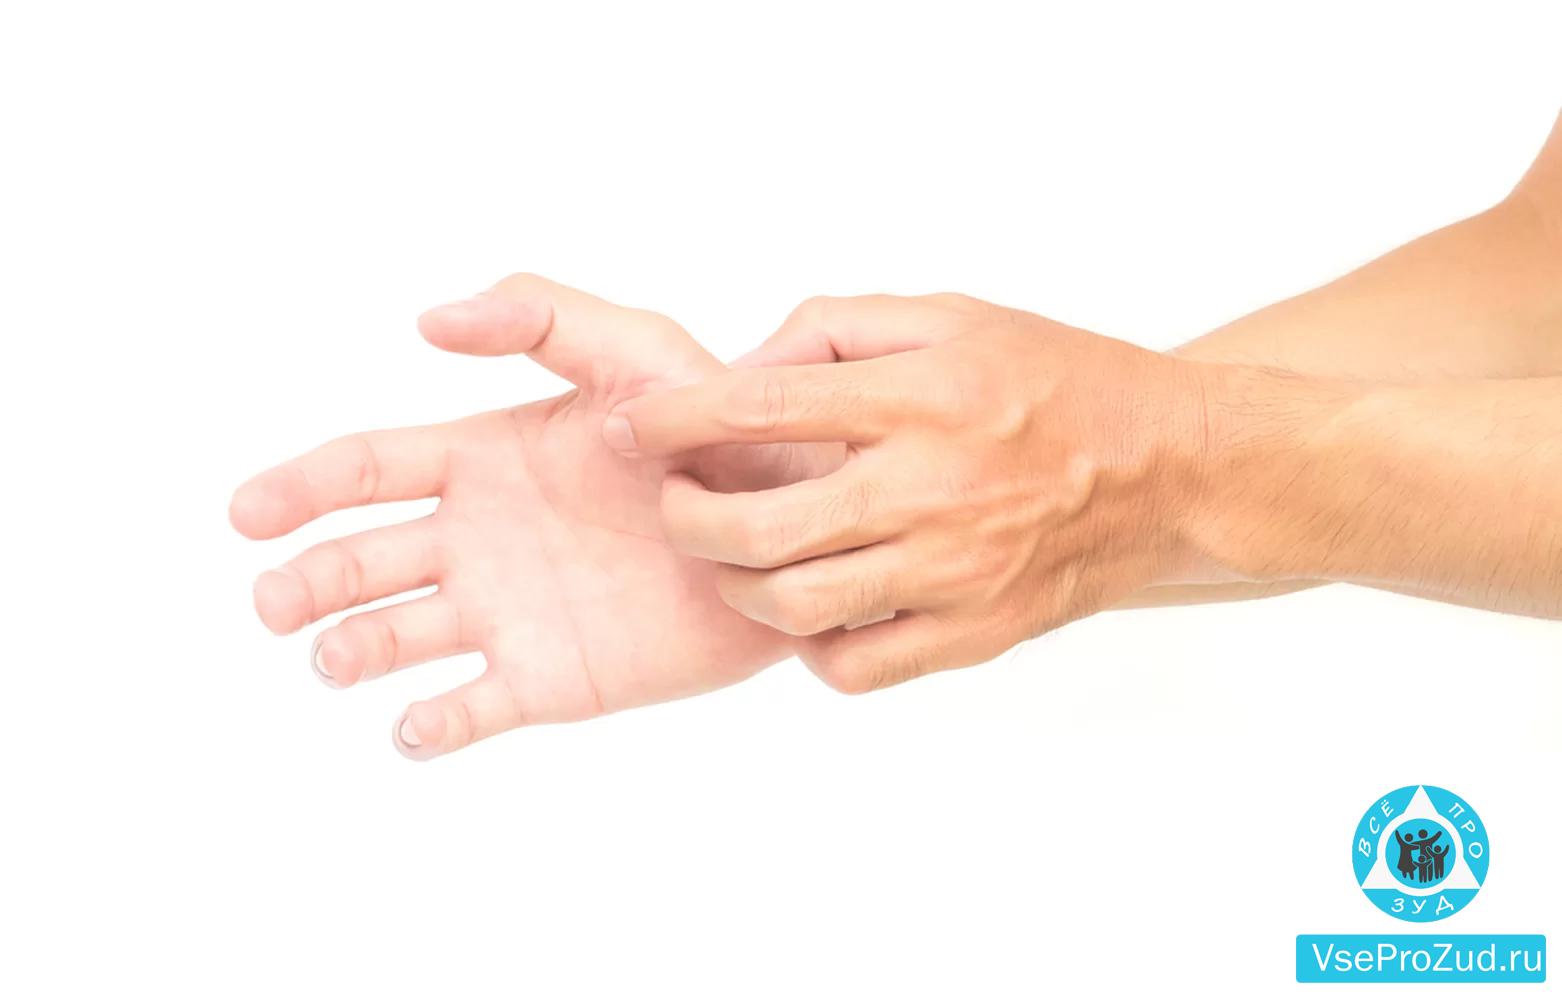 Чешутся ладони рук